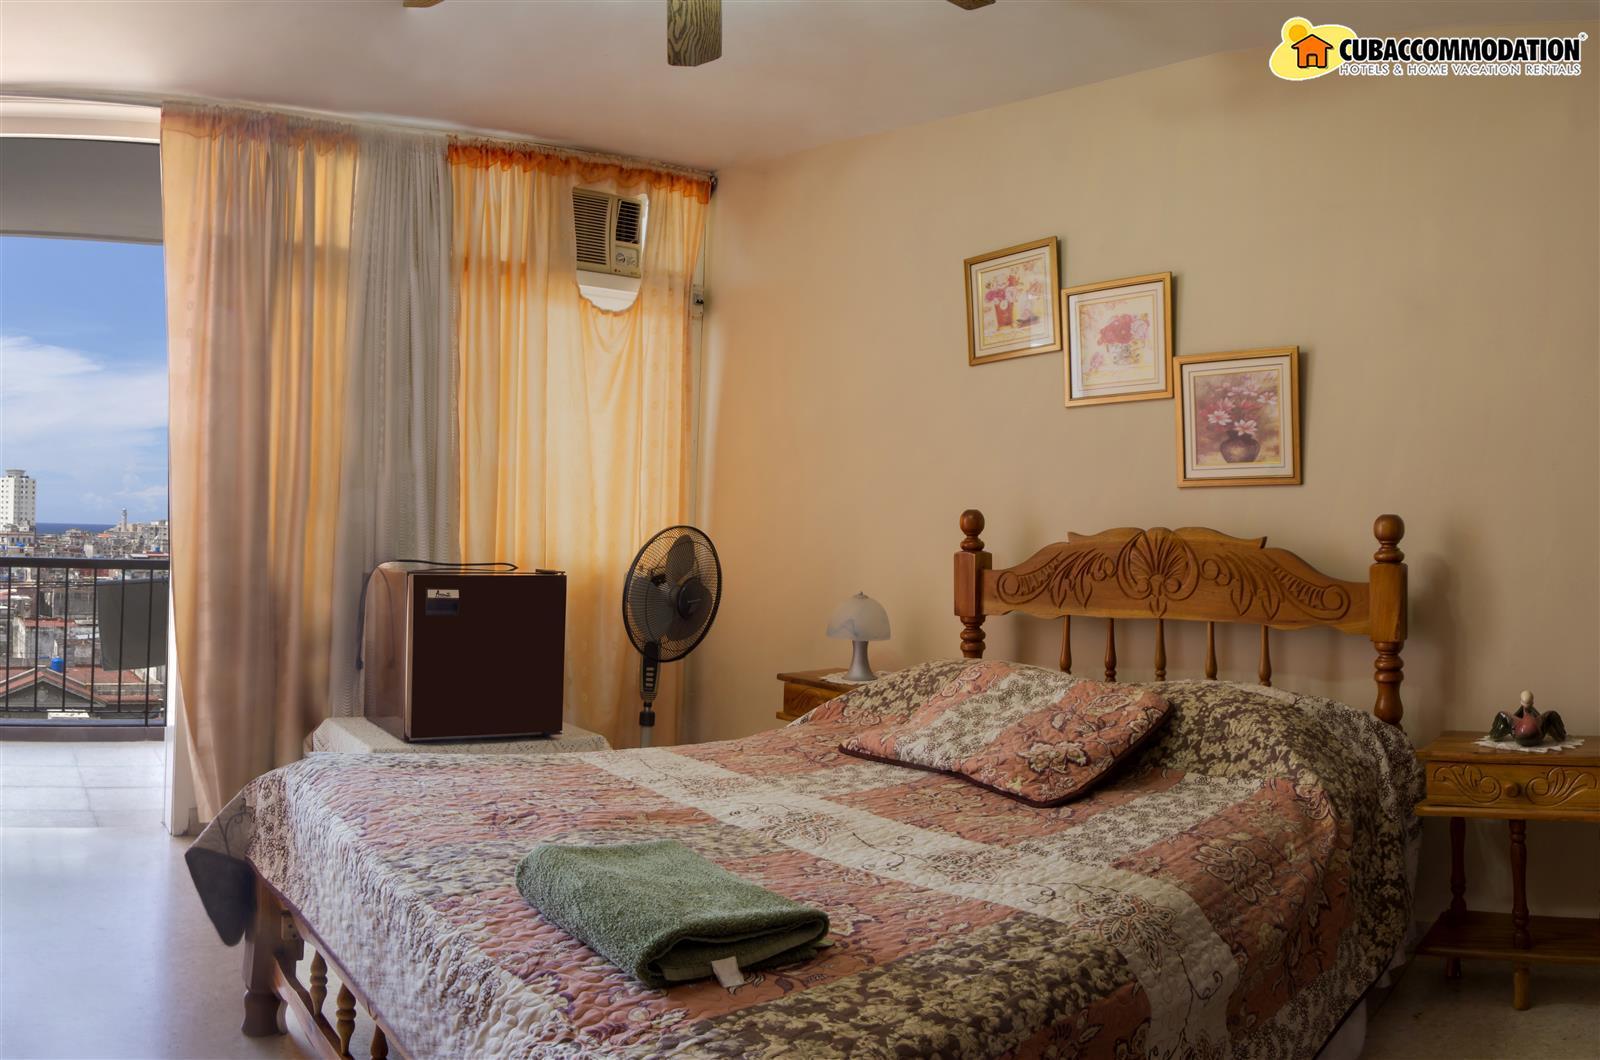 Apartments, Casa Maria Lidia, Havana City, Centro Habana ...